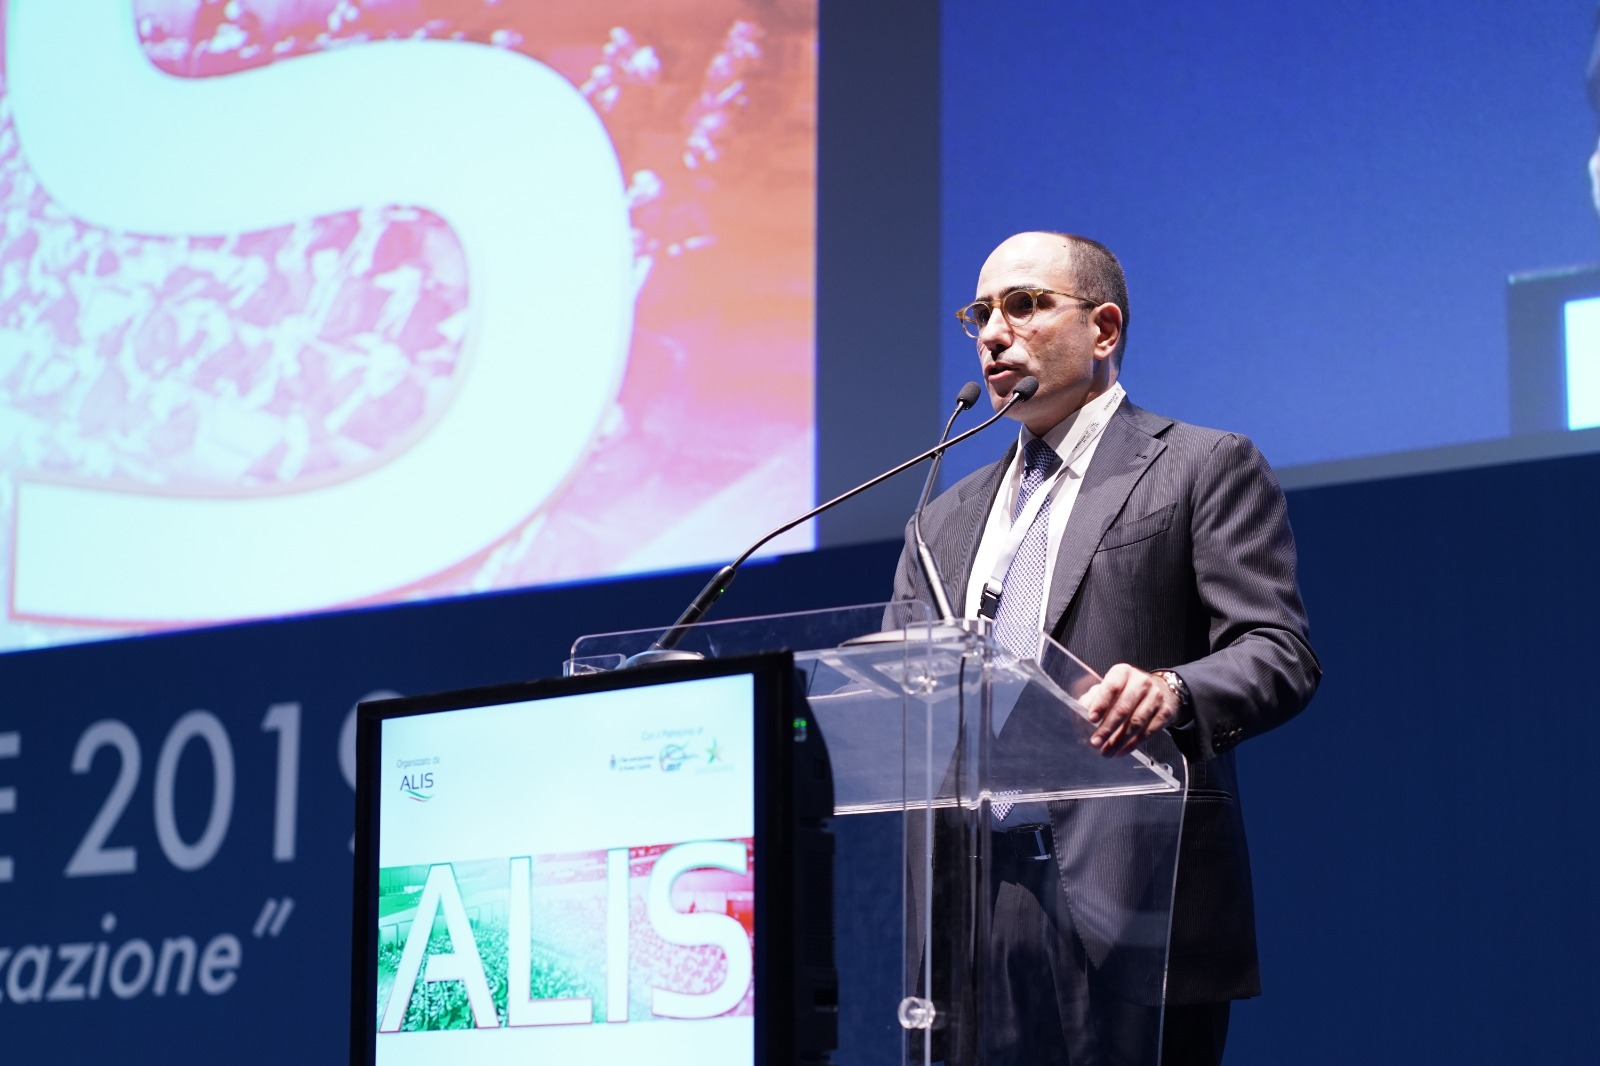 Alis: soddisfazione per contributo Marebonus, il direttore di Alis Marcello Di Caterina